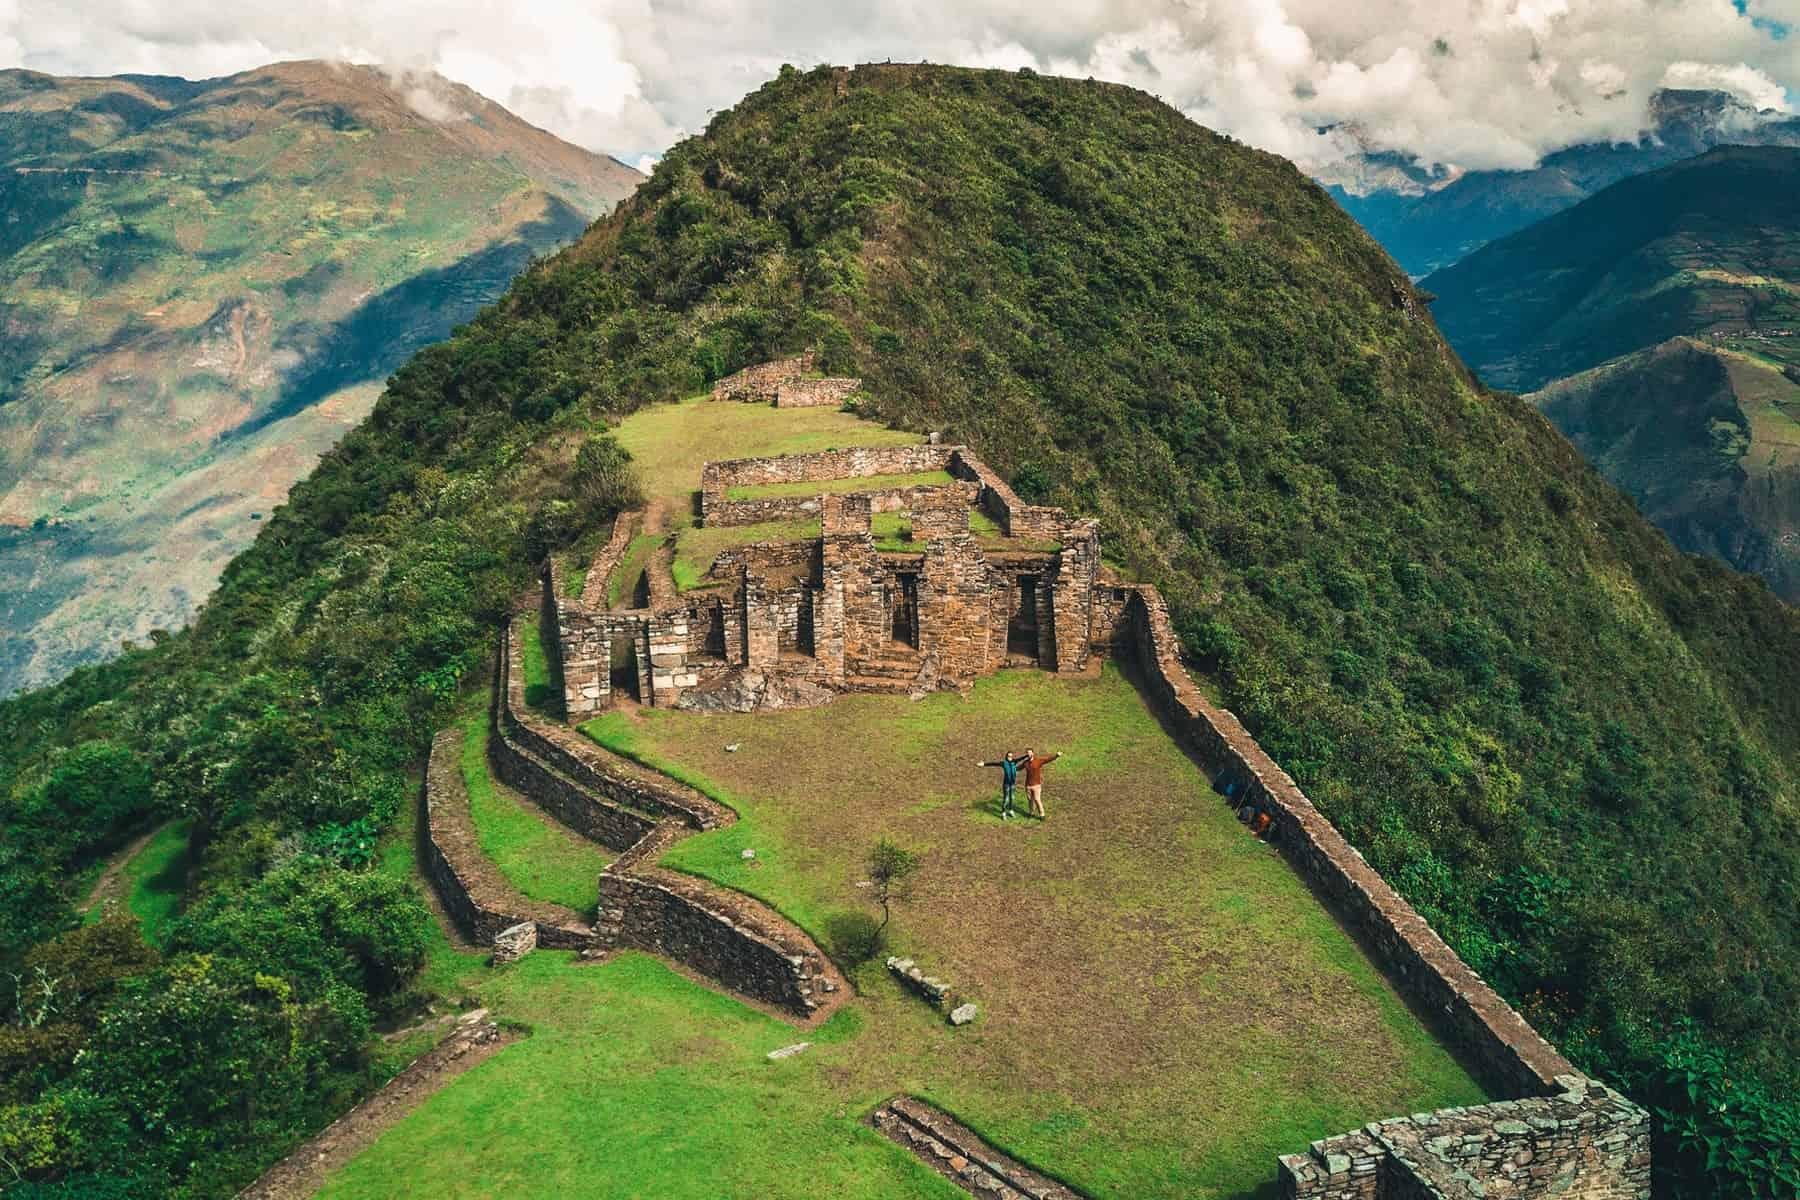 choquequirao-ruins-cradle-of-gold